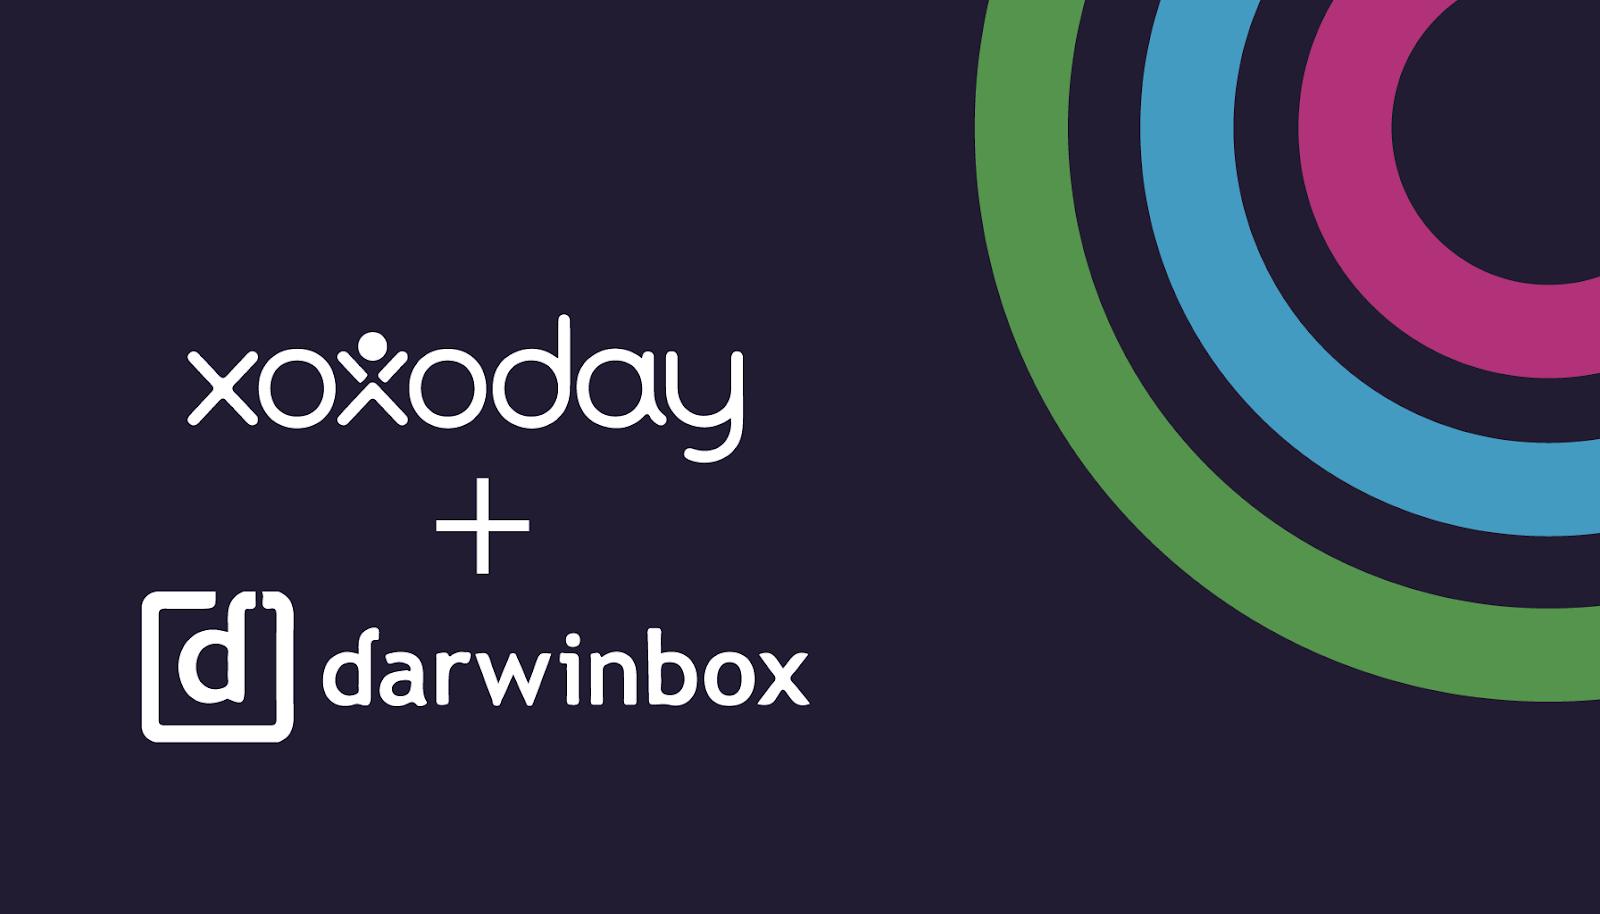 Xoxoday+Darwinbox